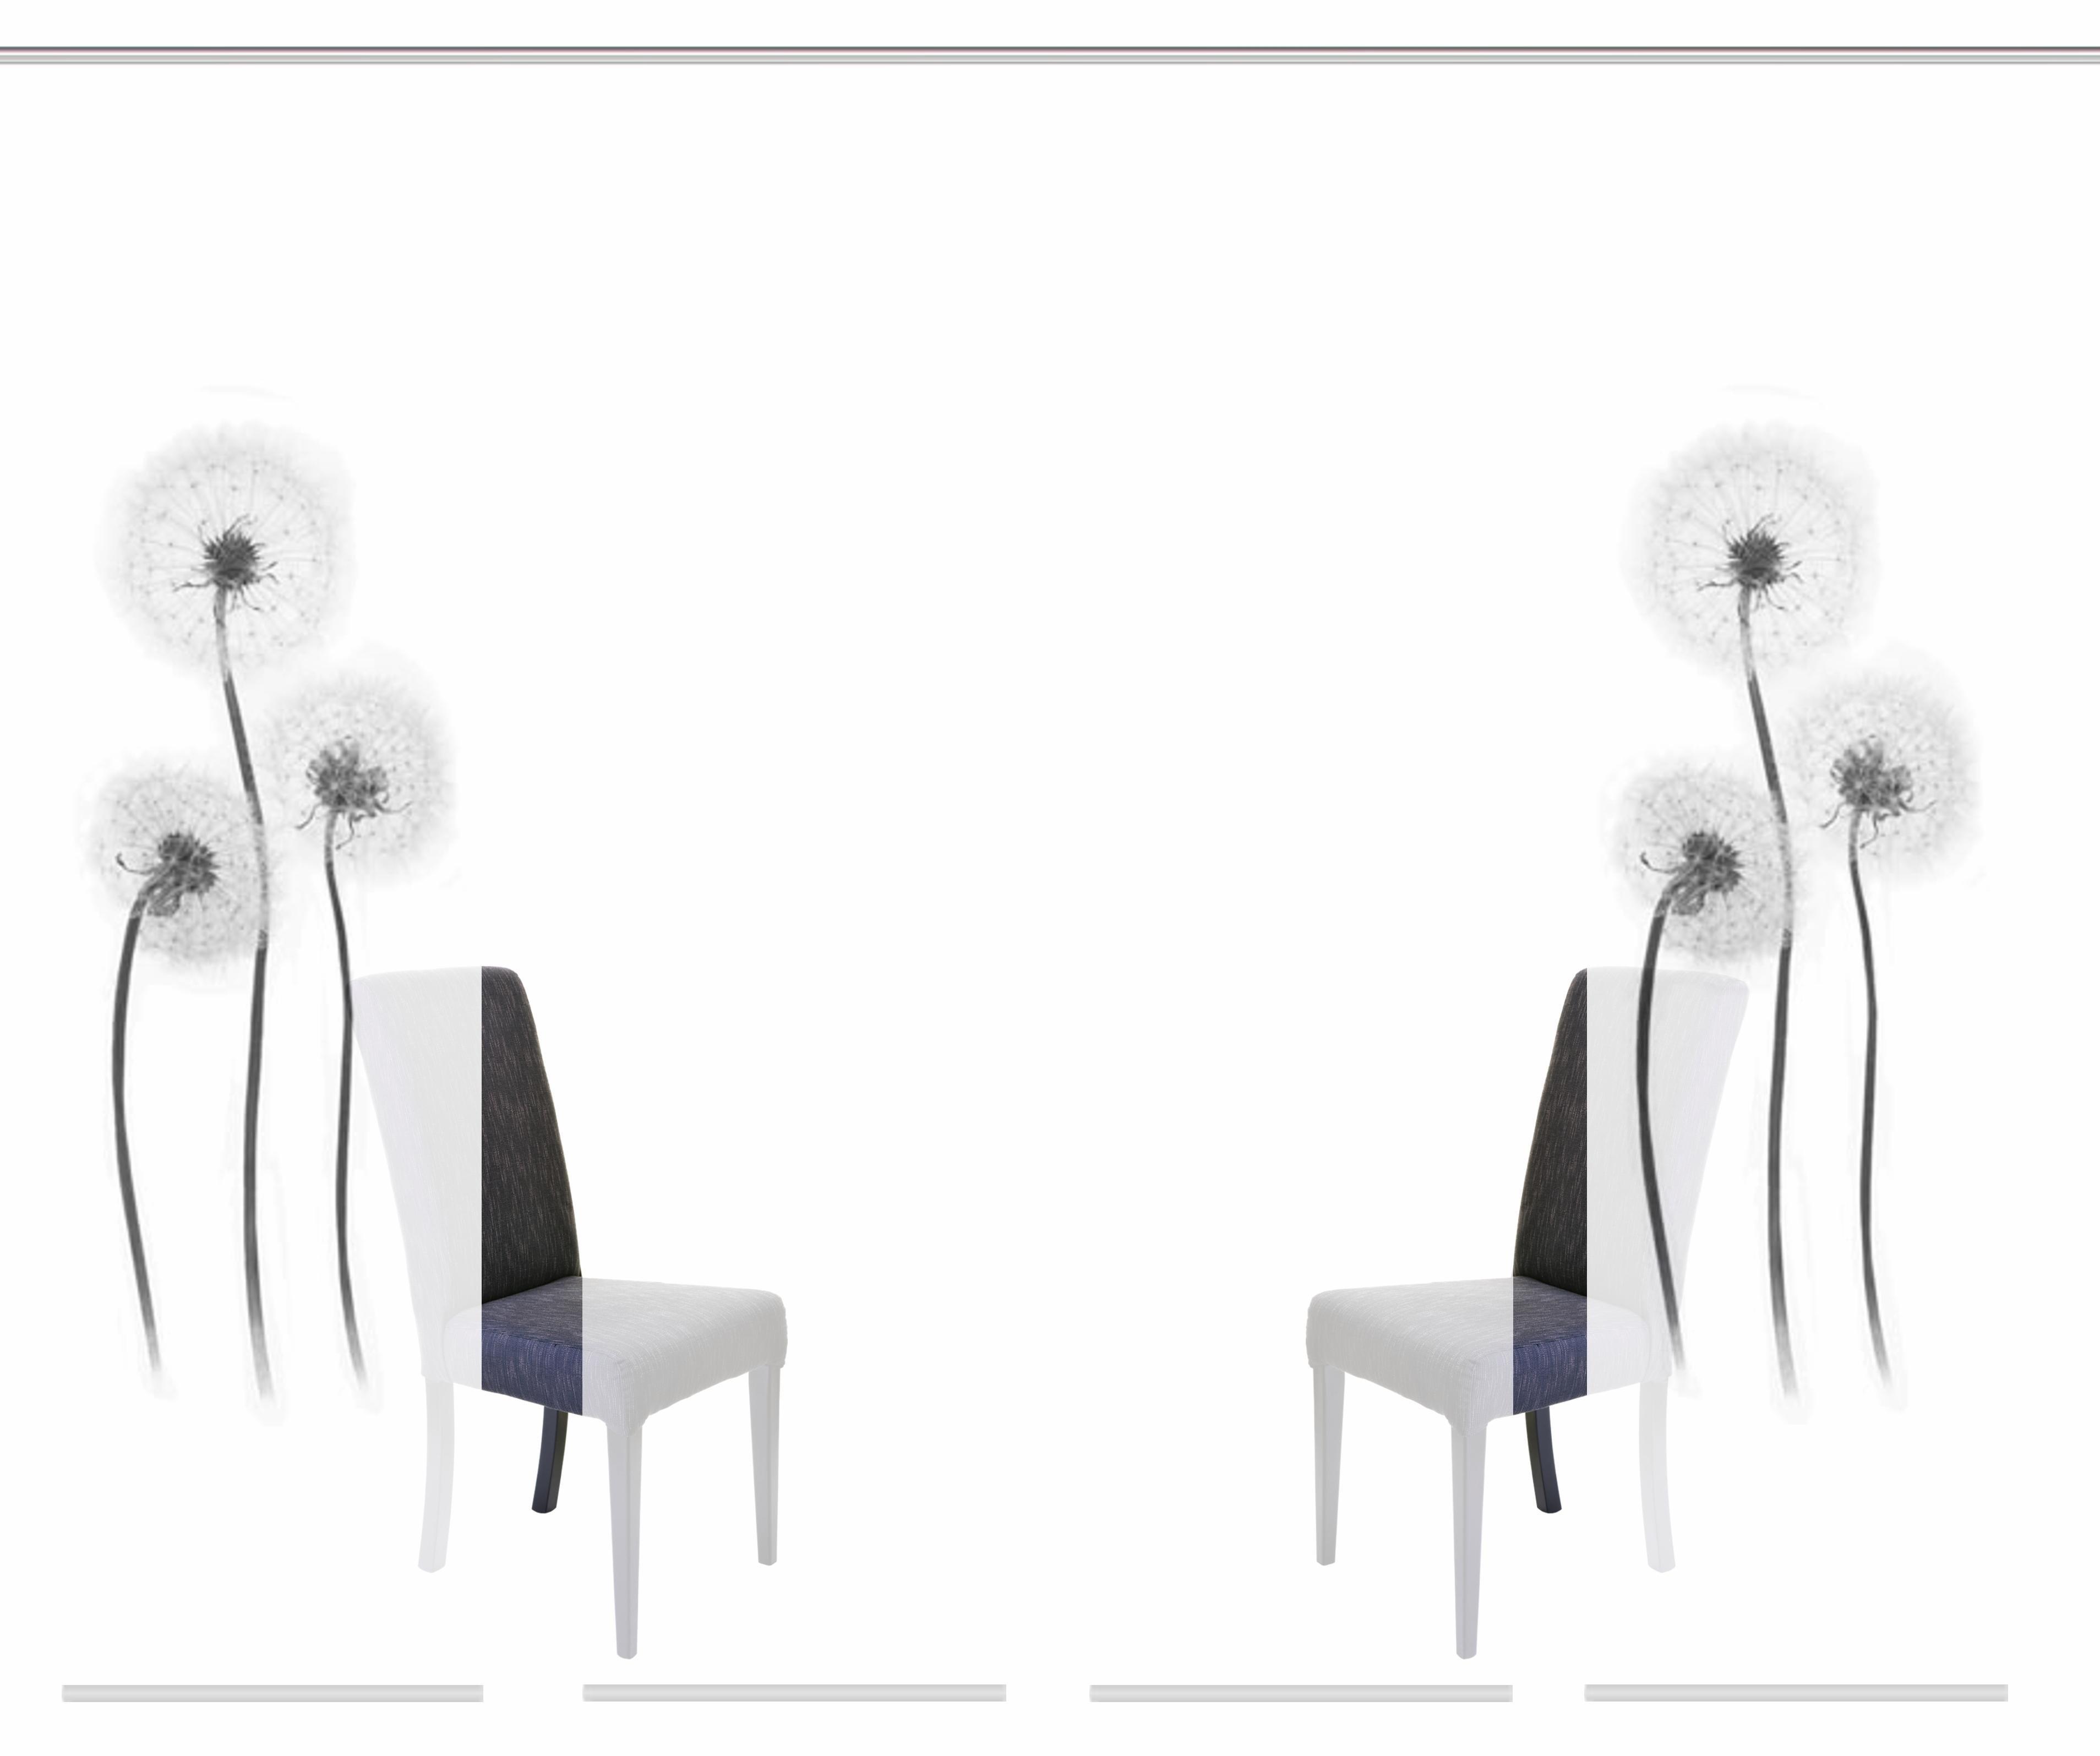 HOME WOHNIDEEN Paneelgordijn, »CORK«, klittenband set van 4 nu online bestellen